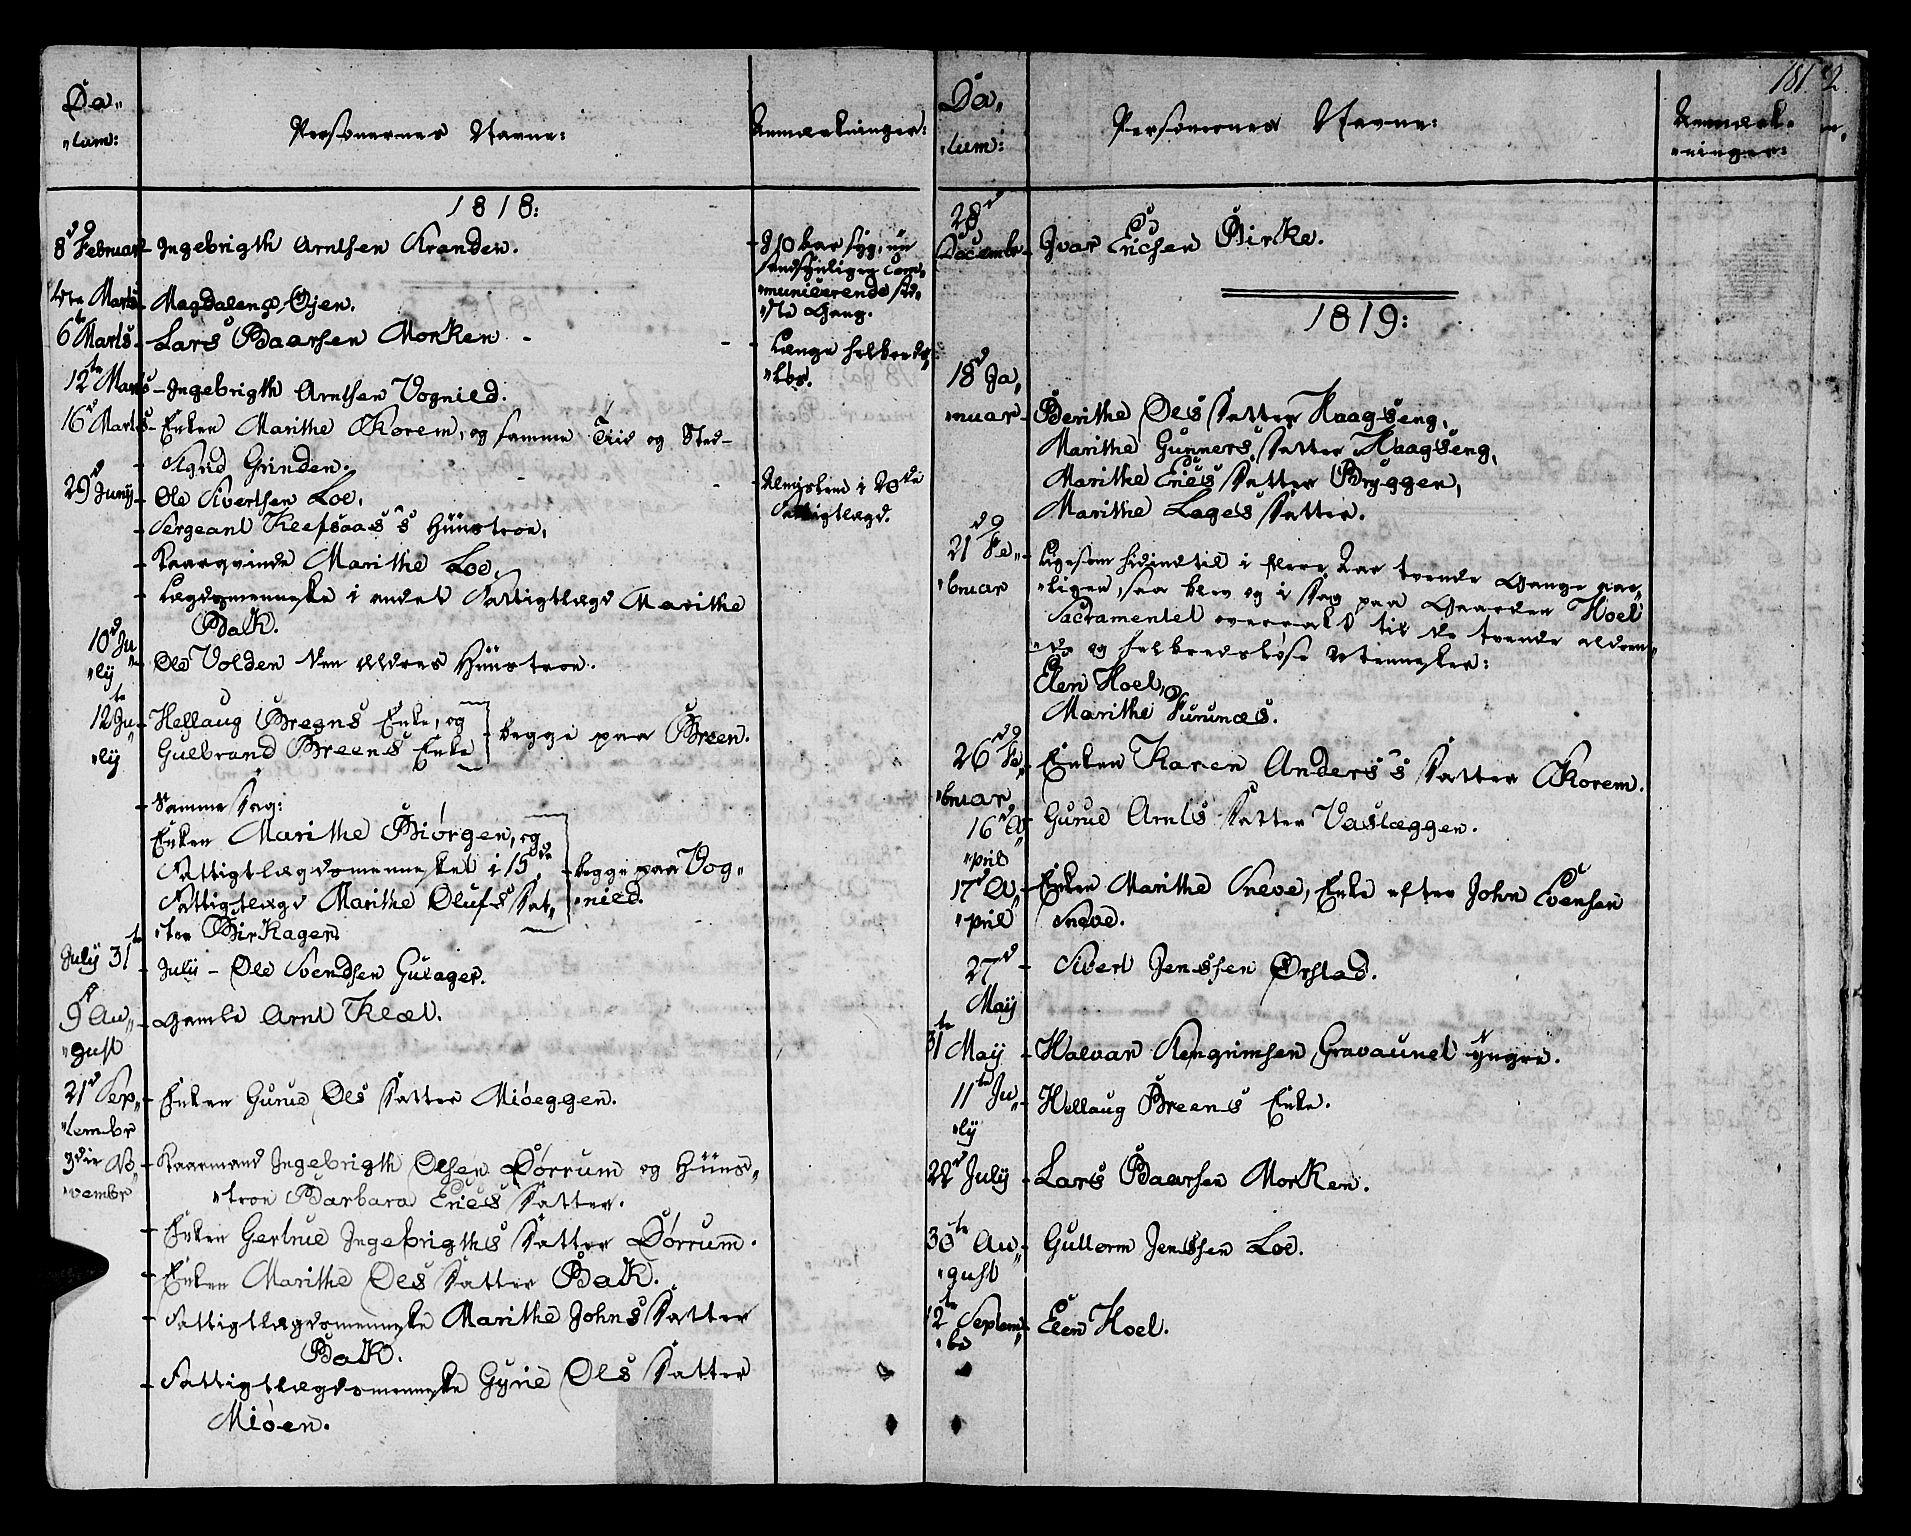 SAT, Ministerialprotokoller, klokkerbøker og fødselsregistre - Sør-Trøndelag, 678/L0894: Ministerialbok nr. 678A04, 1806-1815, s. 181